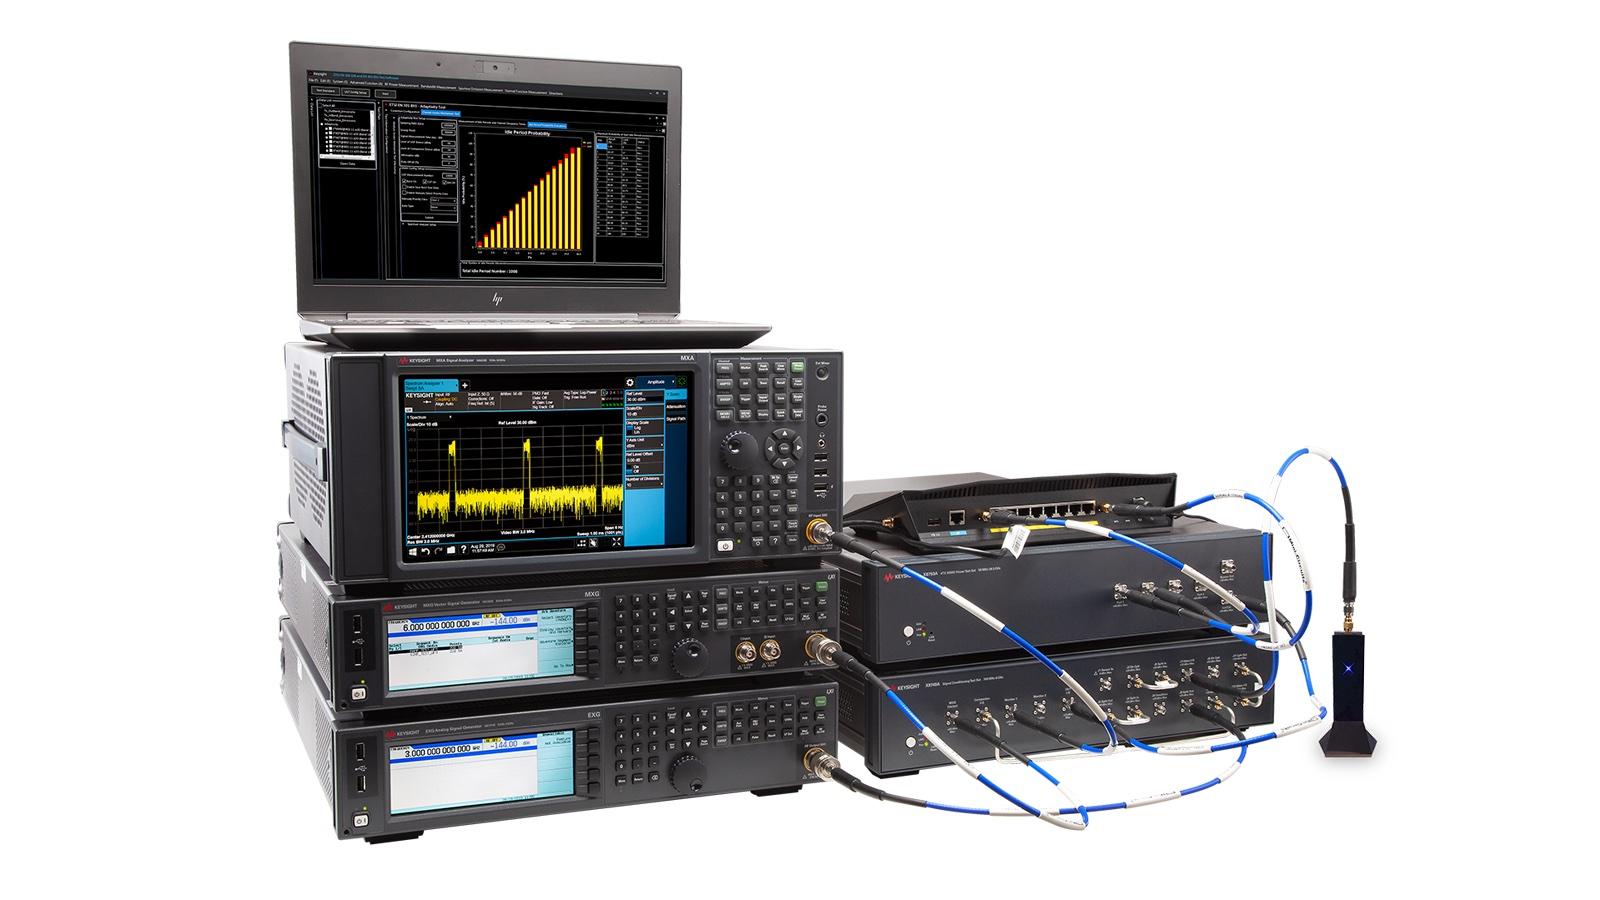 Testlösung zur Wireless-Zertifizierung